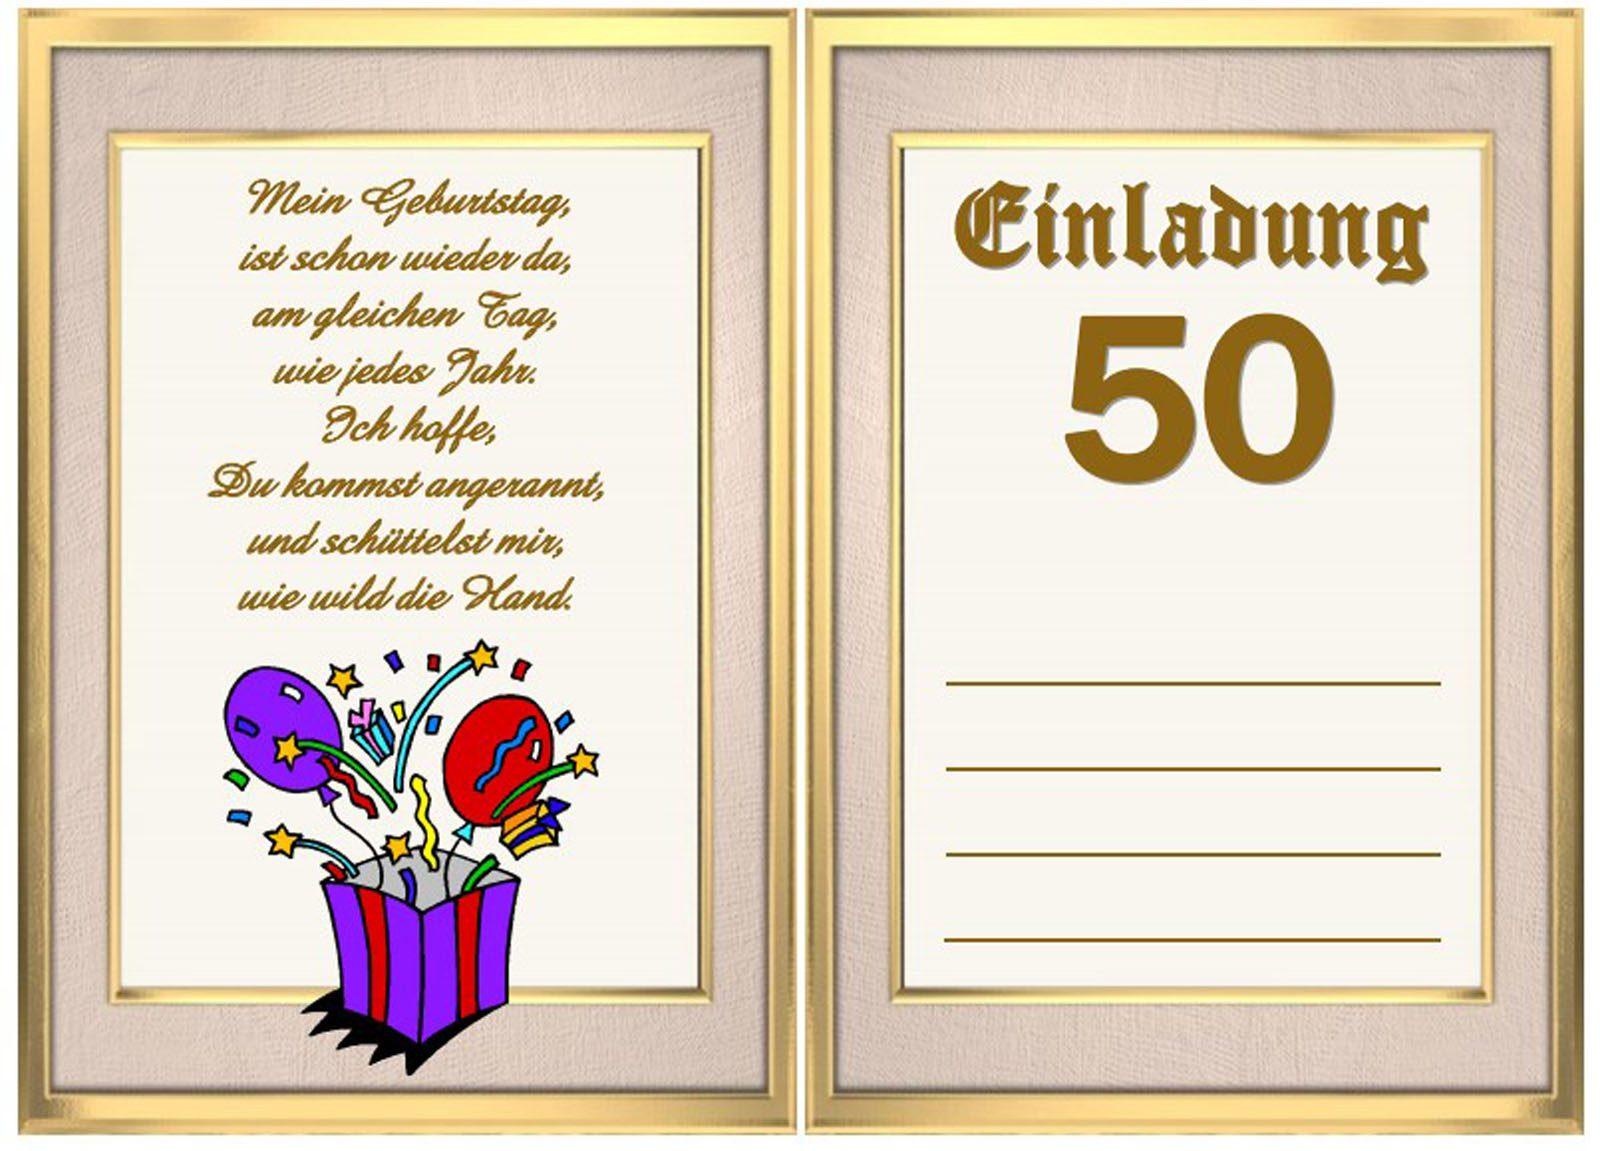 einladung zum 50 geburtstag einladung zum 50 geburtstag vorlagen kostenlos geburstag. Black Bedroom Furniture Sets. Home Design Ideas